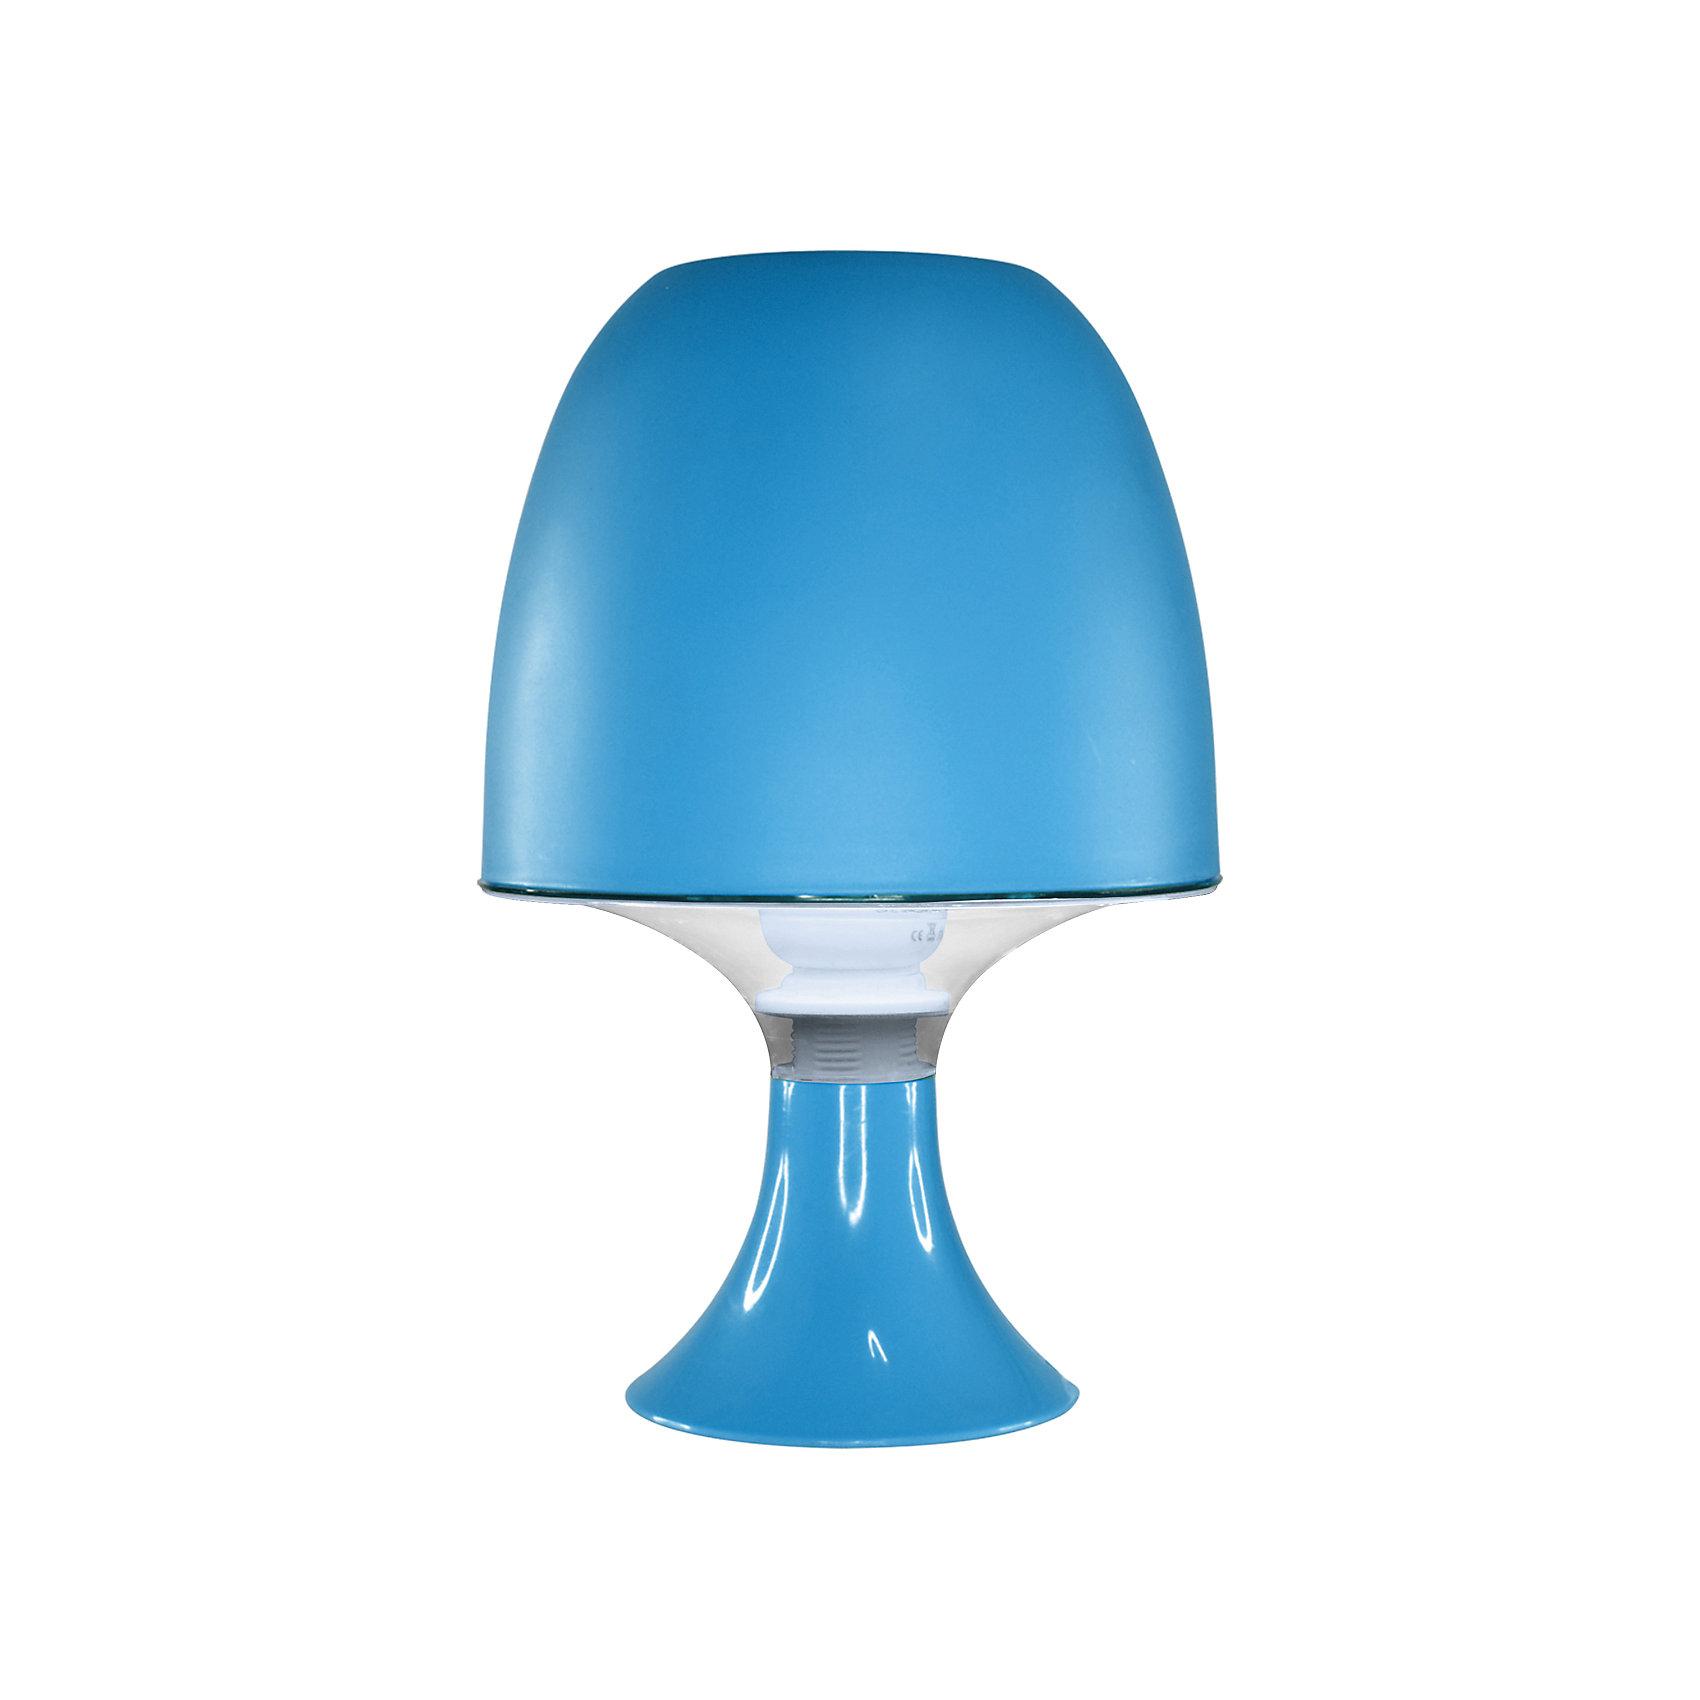 Настольный ночник КЛЛ 15Вт, Ultra Light, голубойЛампы, ночники, фонарики<br>Голубой настольный ночник, 15 Вт – светильник станет световым ориентиром и успокаивающим фактором для детей и взрослых в темное время суток.<br>Декоративный настольный светильник-ночник выполнен из термостойкого пластика. Светильник предназначен для эксплуатации с энергосберегающей лампой 15 Вт. (не входит в комплектацию). Мягкой свет создаст притягательную атмосферу необыкновенного уюта и покоя. Запрещается во избежание перегрева накрывать работающий светильник.<br><br>Дополнительная информация:<br><br>- Материал: пластик<br>- Цвет: голубой<br>- Напряжение: 220В<br>- Тип цоколя: E14<br>- Мощность лампы: 15 Вт<br>- Размер светильника: 16 х 16 х 24 см.<br>- Размер упаковки: 16 х 24 х 16 см.<br>- Вес: 500 гр.<br><br>Голубой настольный ночник, 15 Вт можно купить в нашем интернет-магазине.<br><br>Ширина мм: 160<br>Глубина мм: 240<br>Высота мм: 160<br>Вес г: 500<br>Возраст от месяцев: 36<br>Возраст до месяцев: 192<br>Пол: Унисекс<br>Возраст: Детский<br>SKU: 4641451